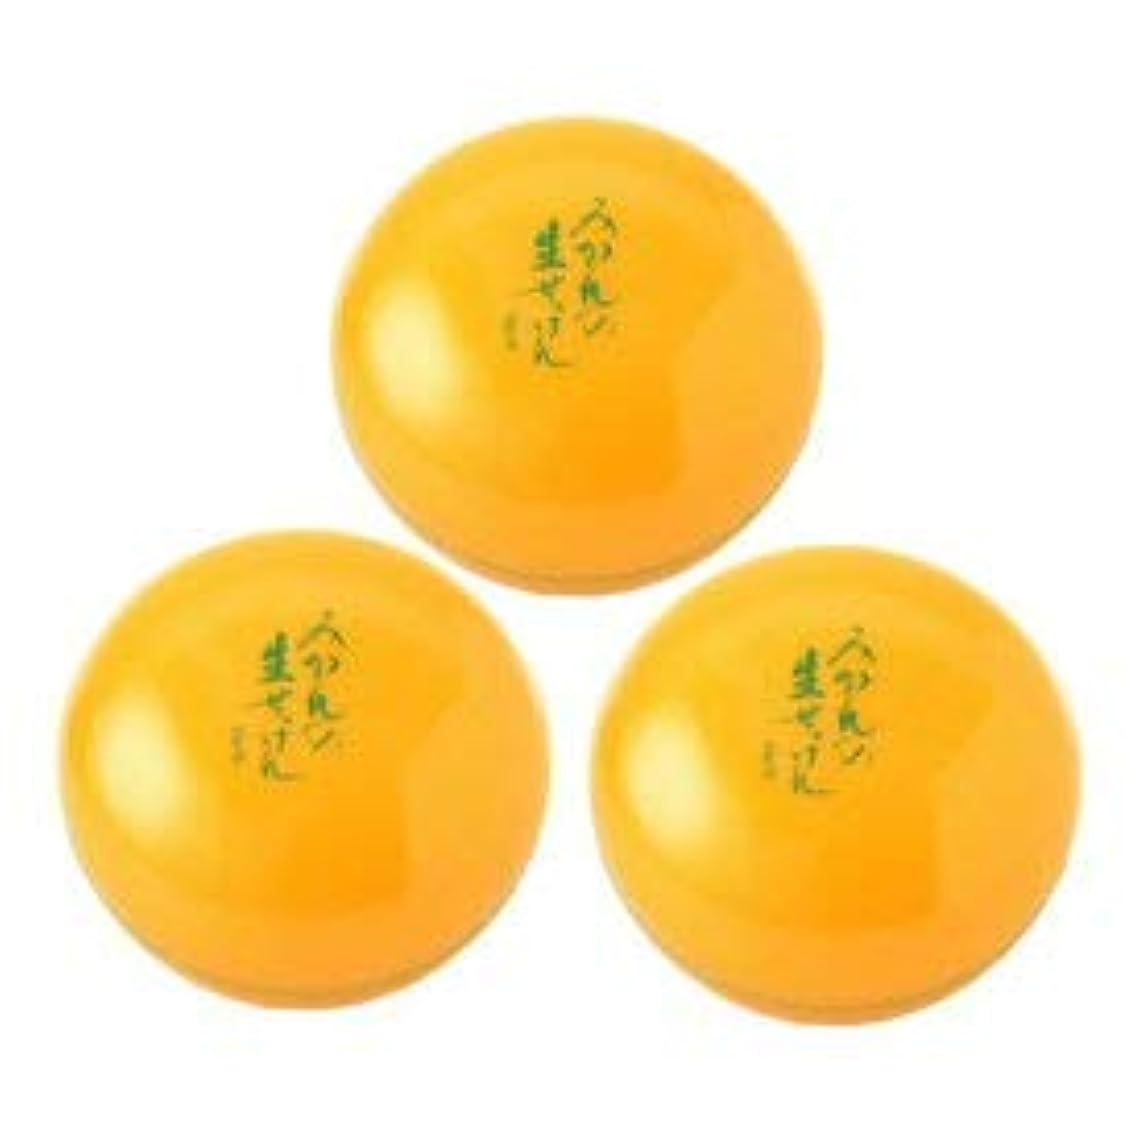 局好む含意UYEKI美香柑みかんの生せっけん50g×3個セット